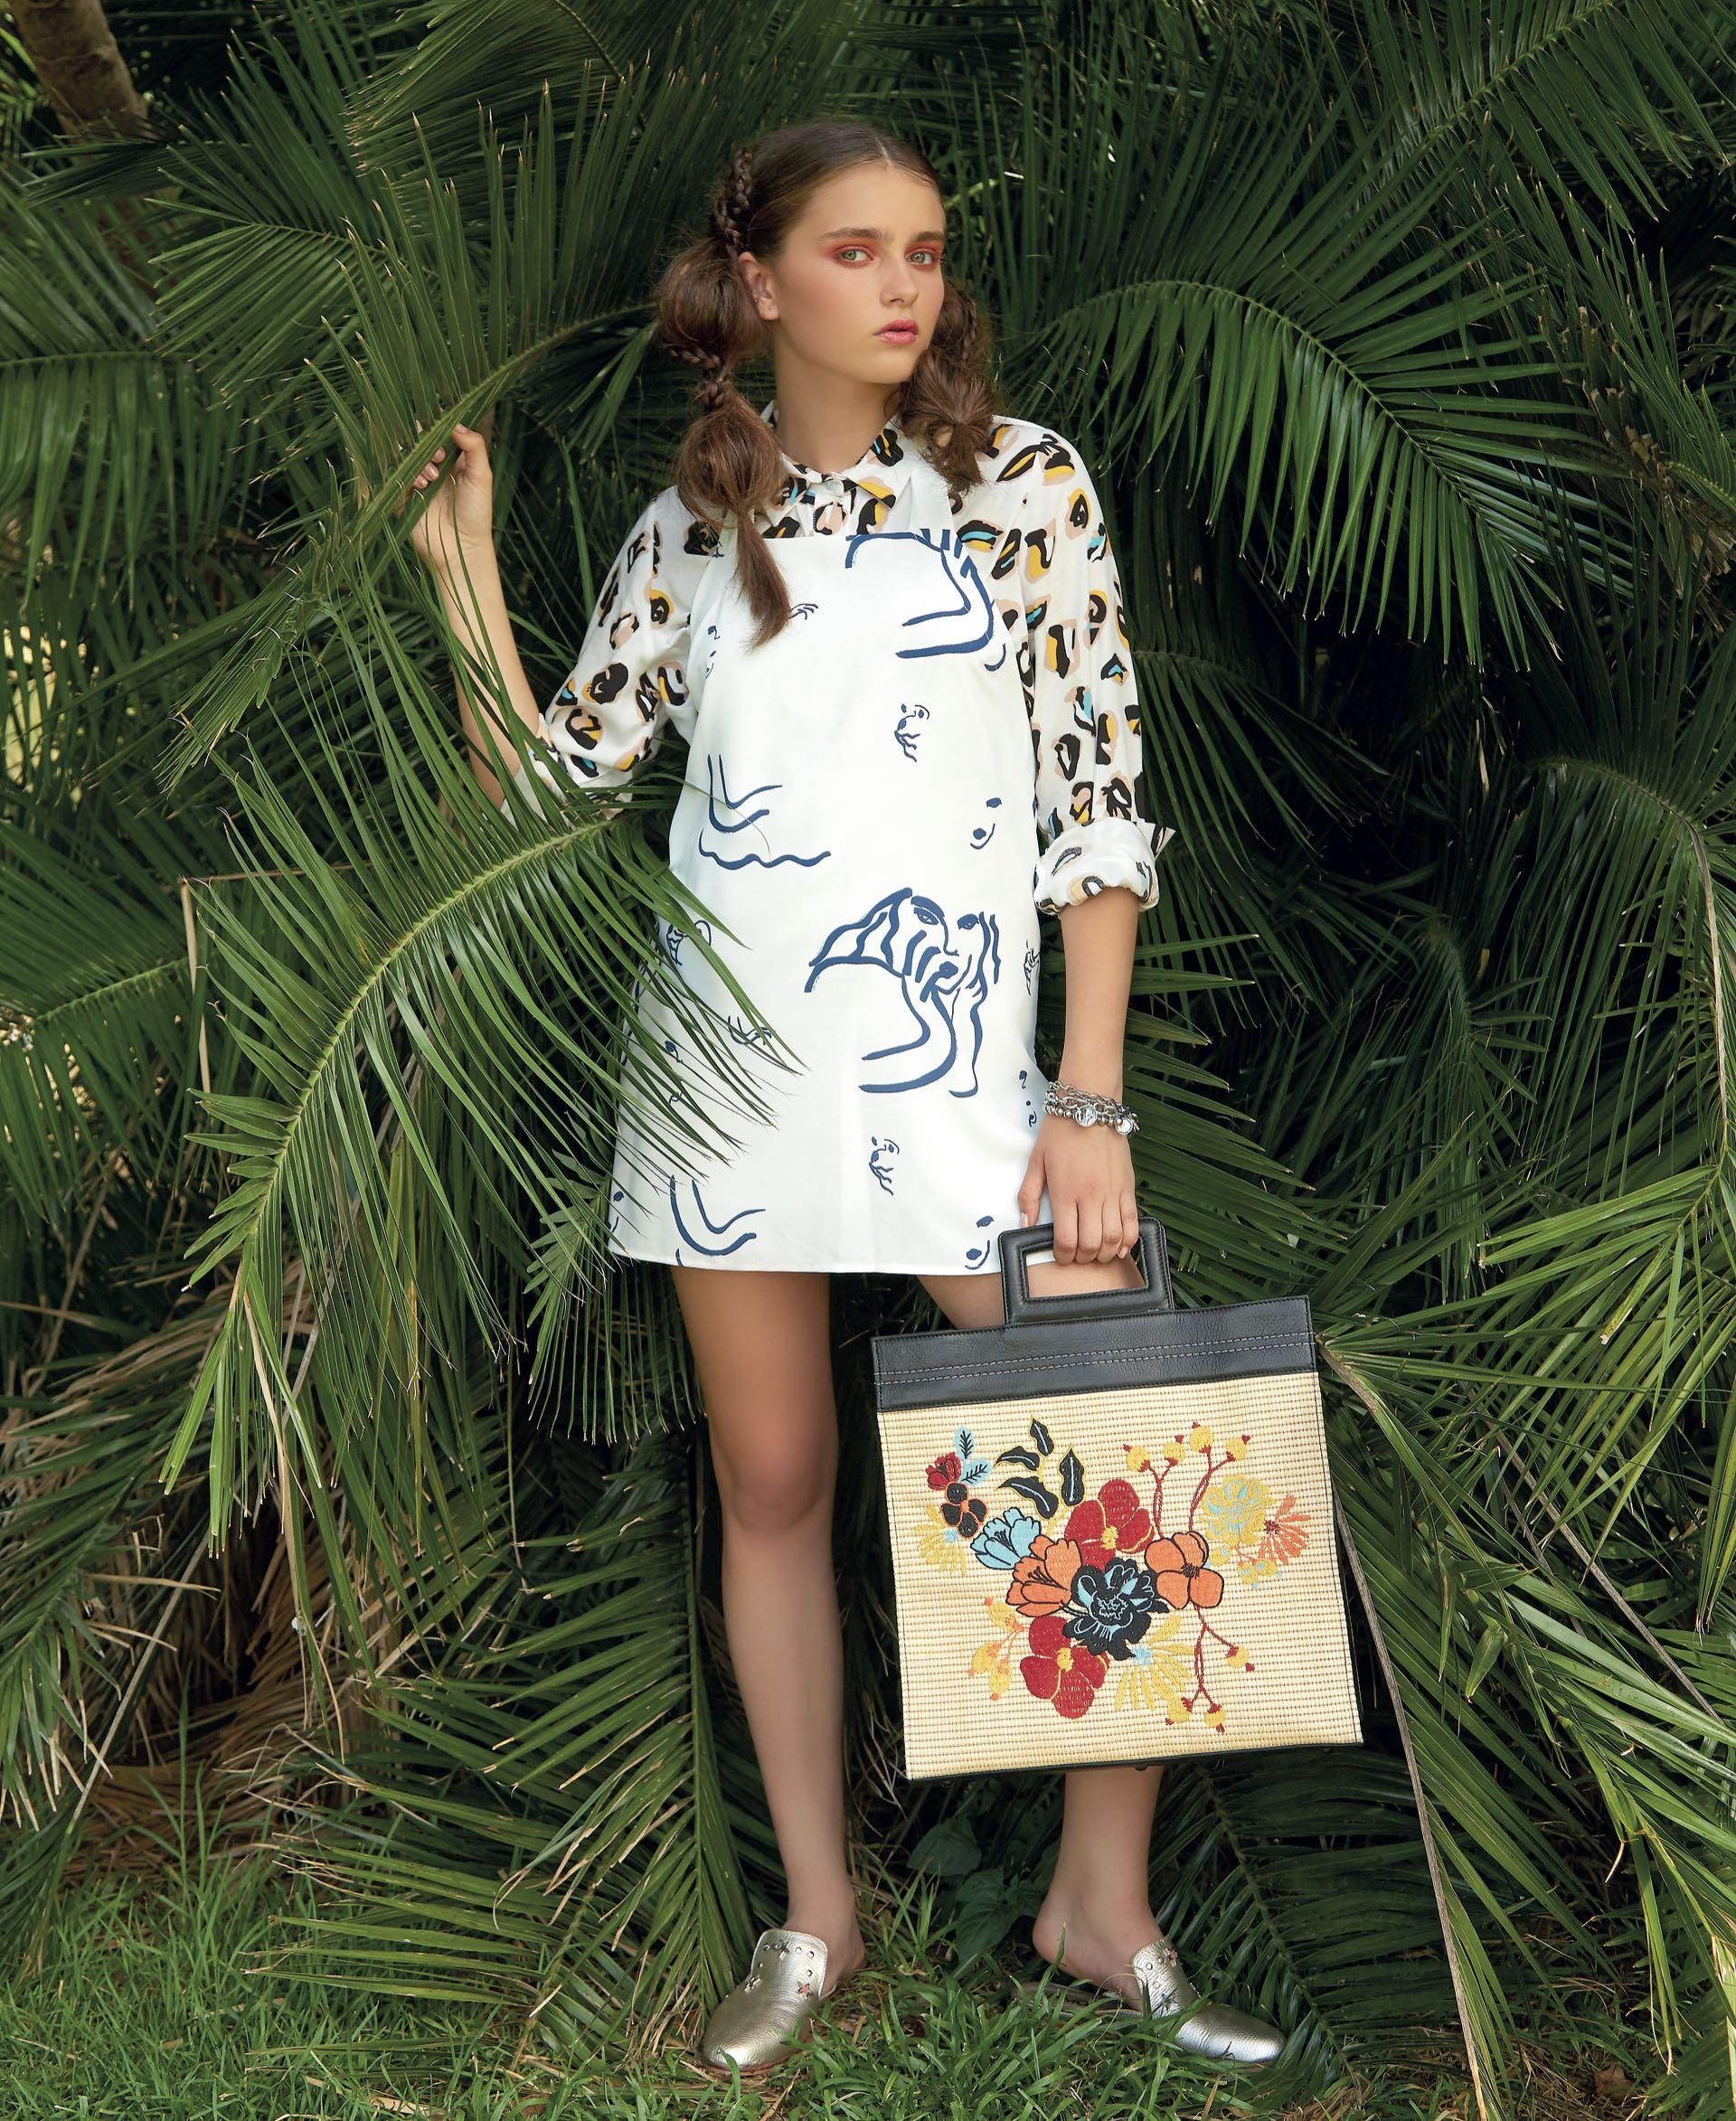 Camisa estampada ($ 2.000, Estancias), vestido tipo delantal con escote en la espalda ($ 2.515, AY Not Dead), cartera de cuero y rafia bordada ($ 6.640, Mishka), pulseras con dijes (Salve Regina) y mules de cuero con tachas ($ 2.790, Viamo).